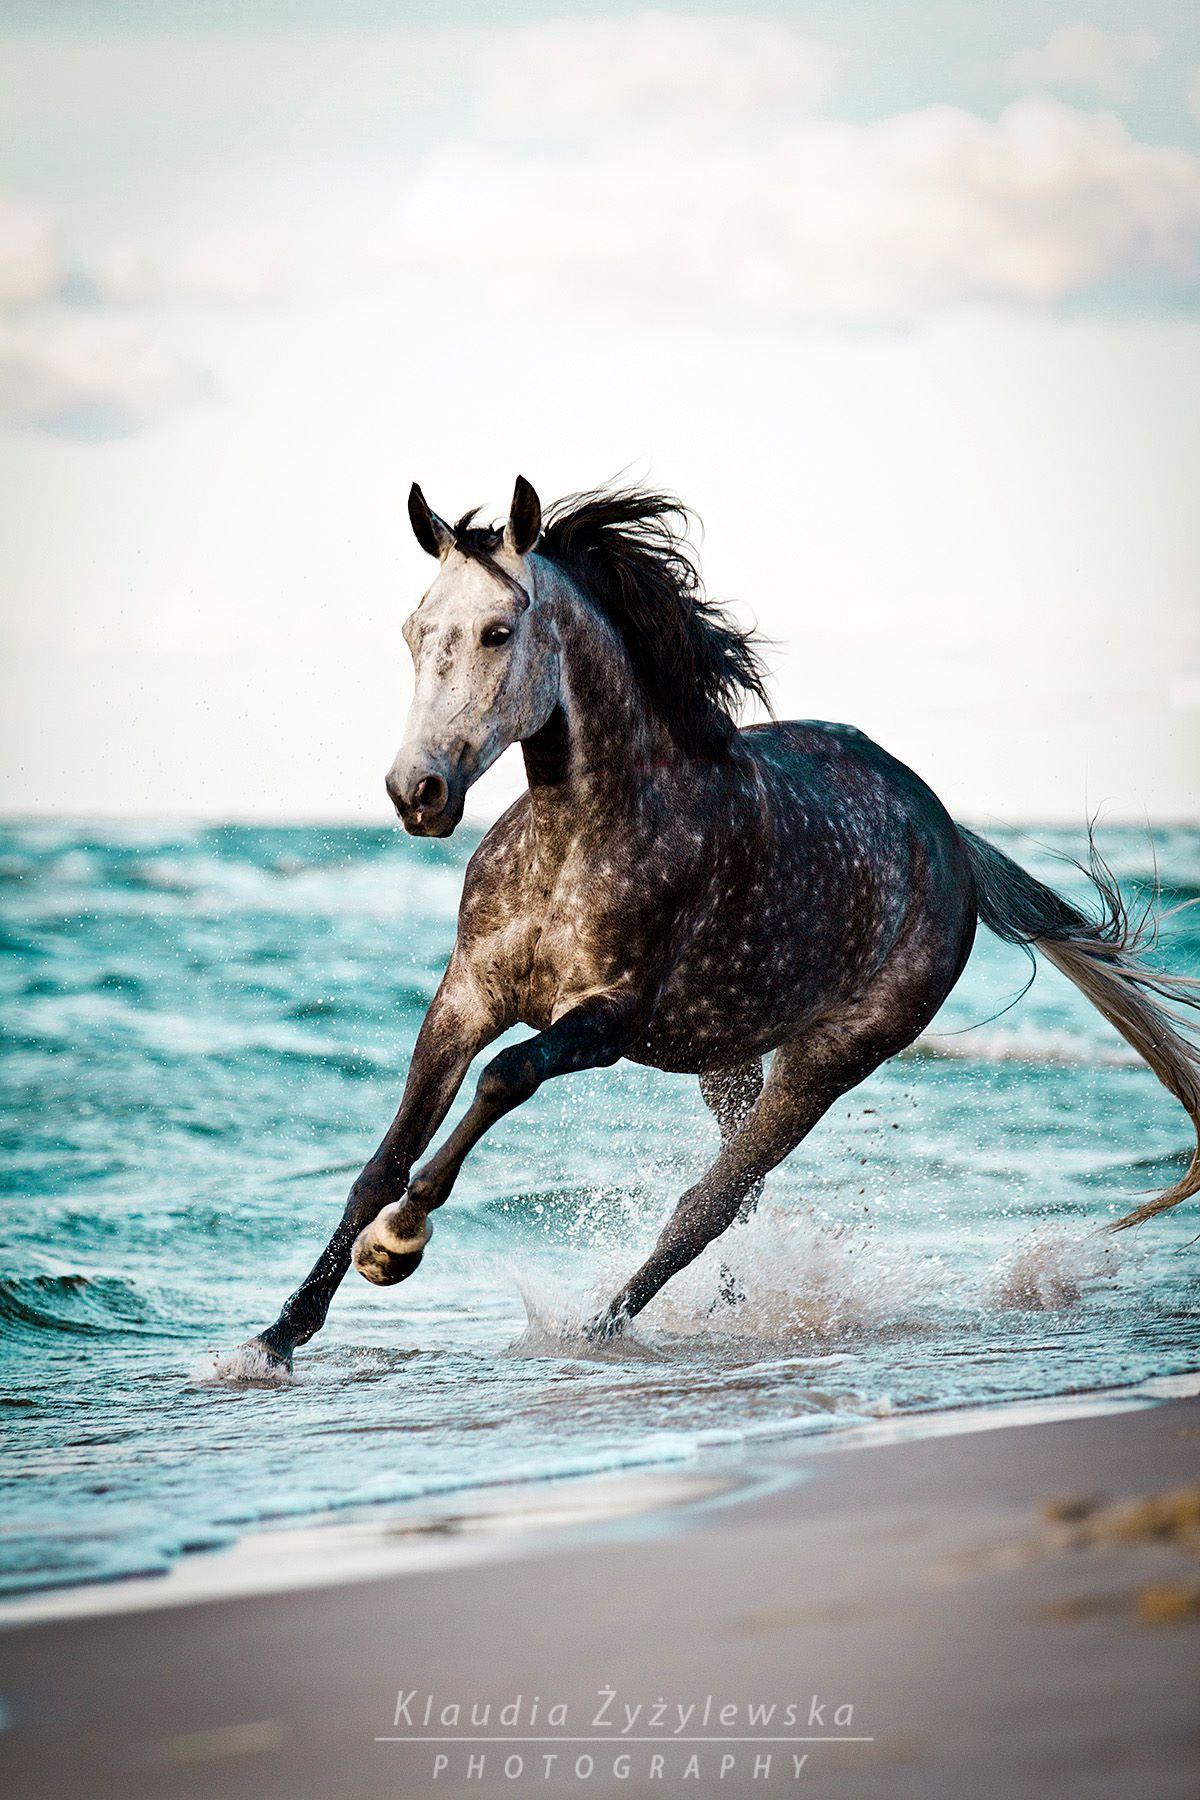 Bilder Von Pferden Zum Ausdrucken Kostenlos Herunterladen Bilder Und Spruche Fur Whatsapp Und Facebook Kostenlos